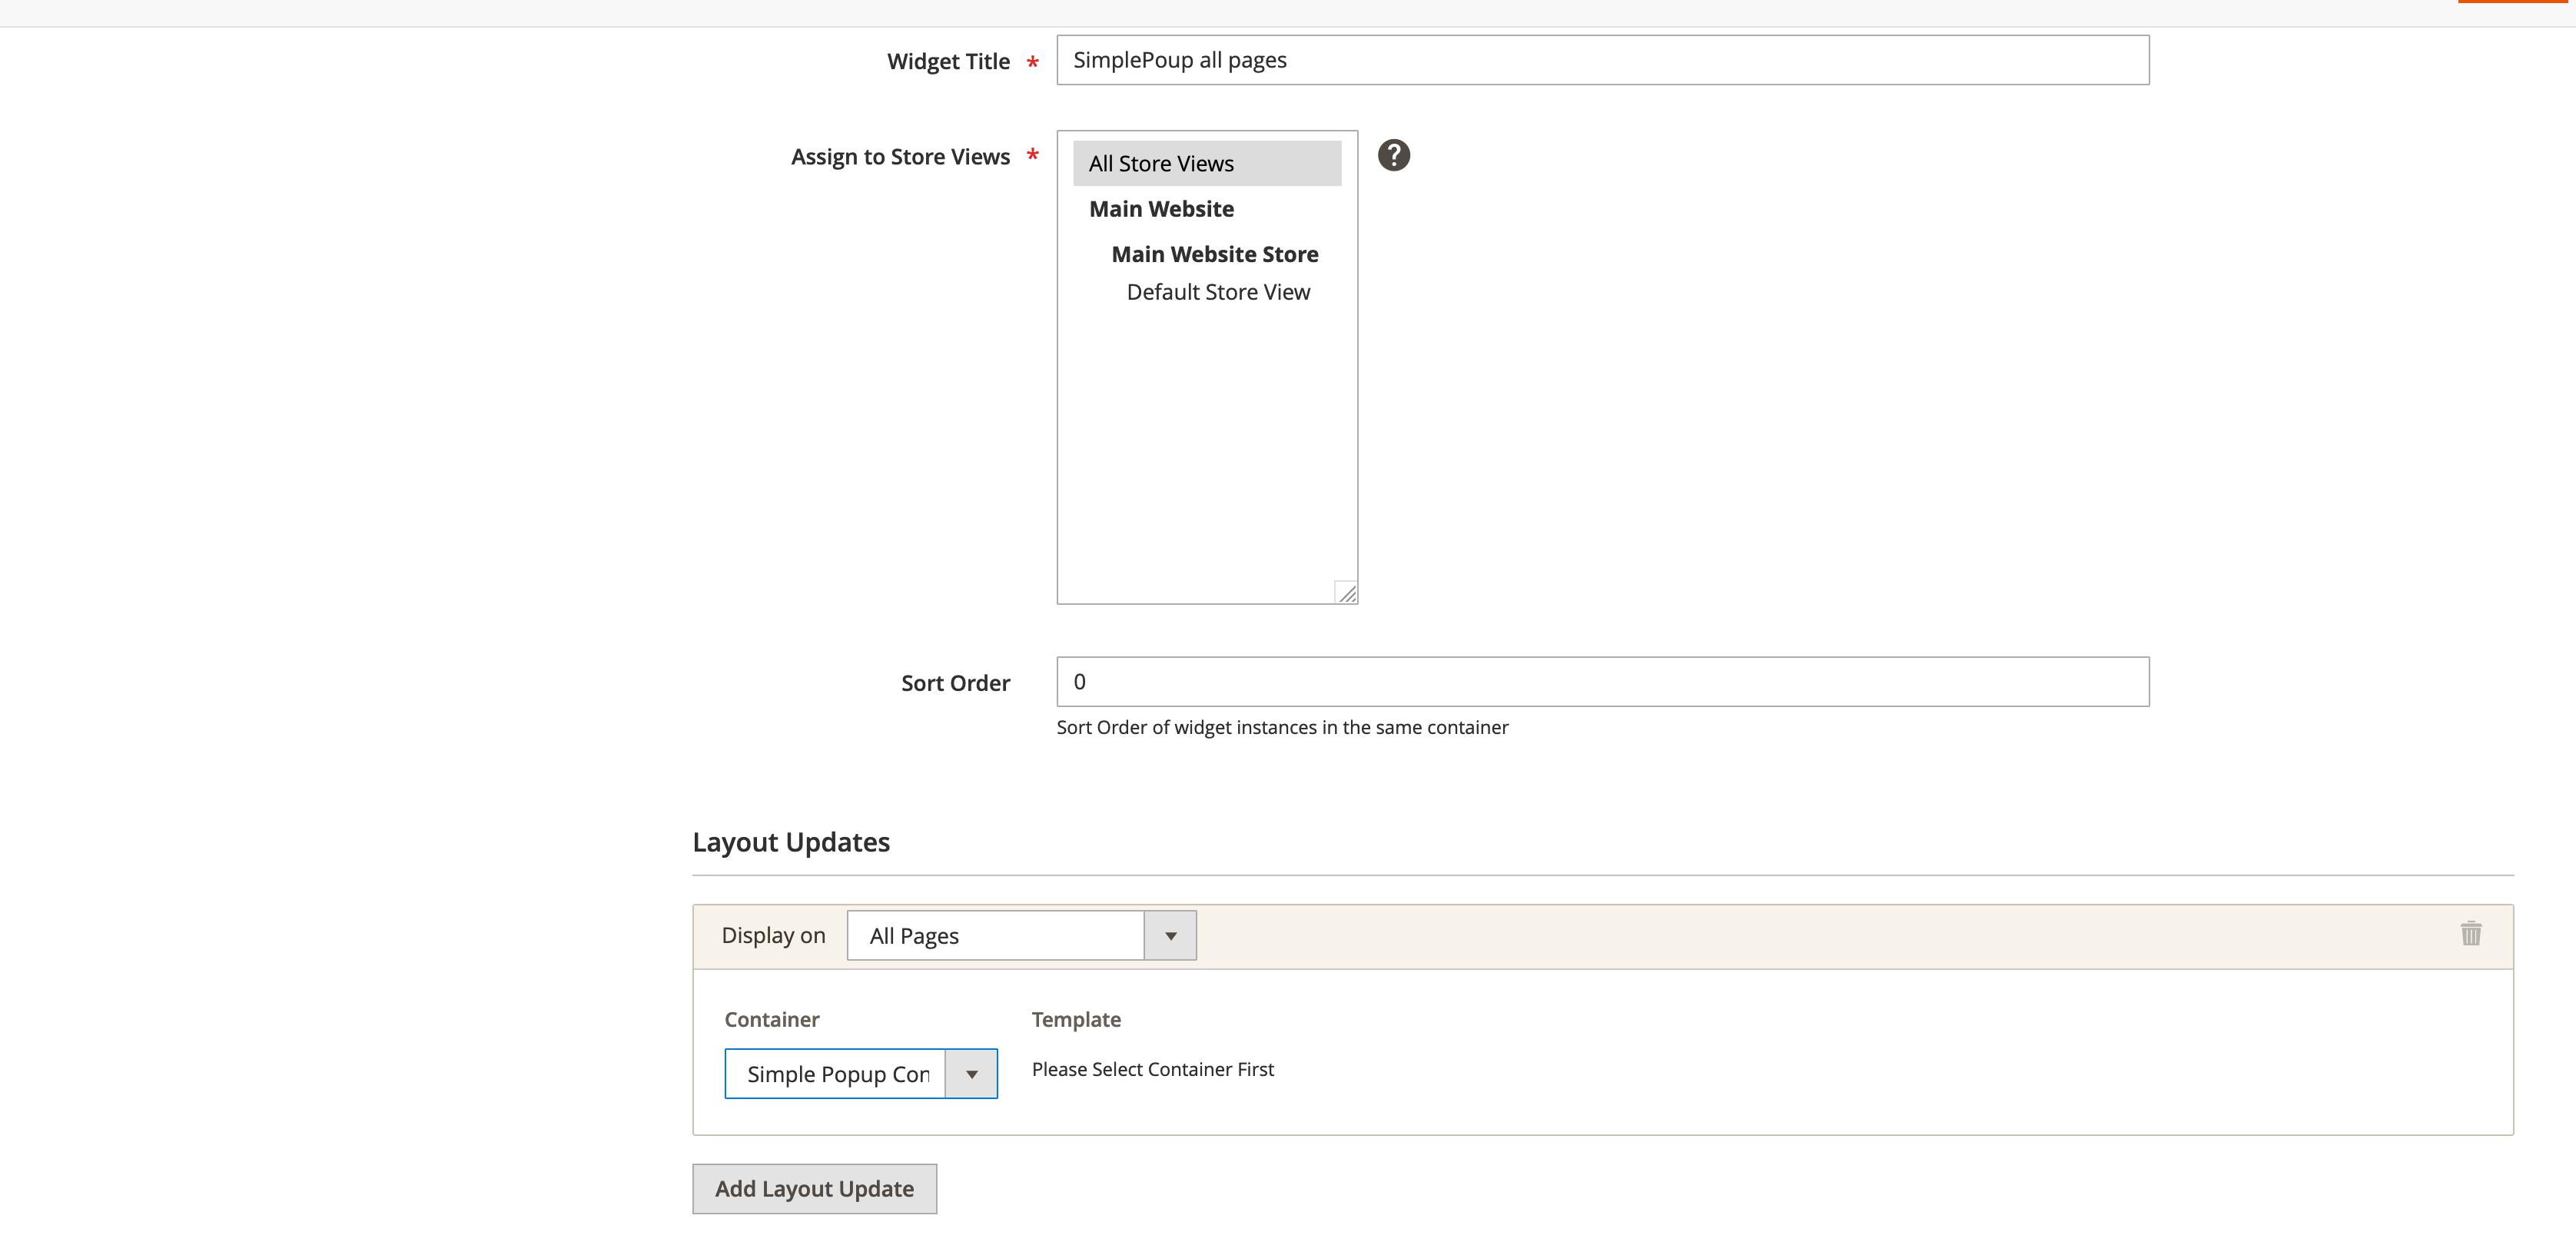 Magento2-SimplePopupWidget-Widget-layout